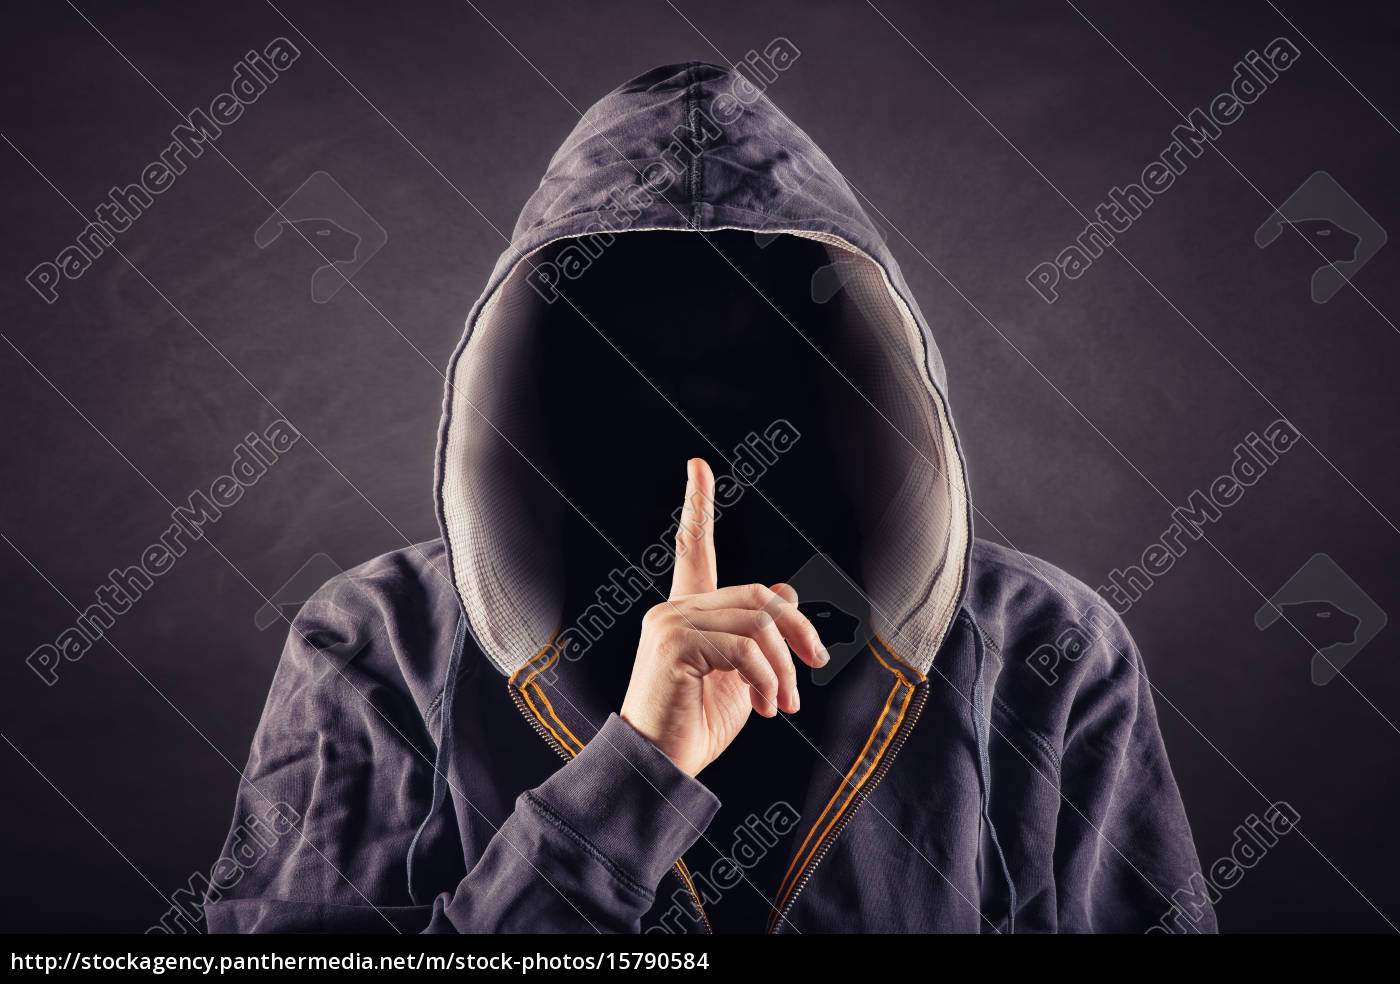 anonymous - 15790584